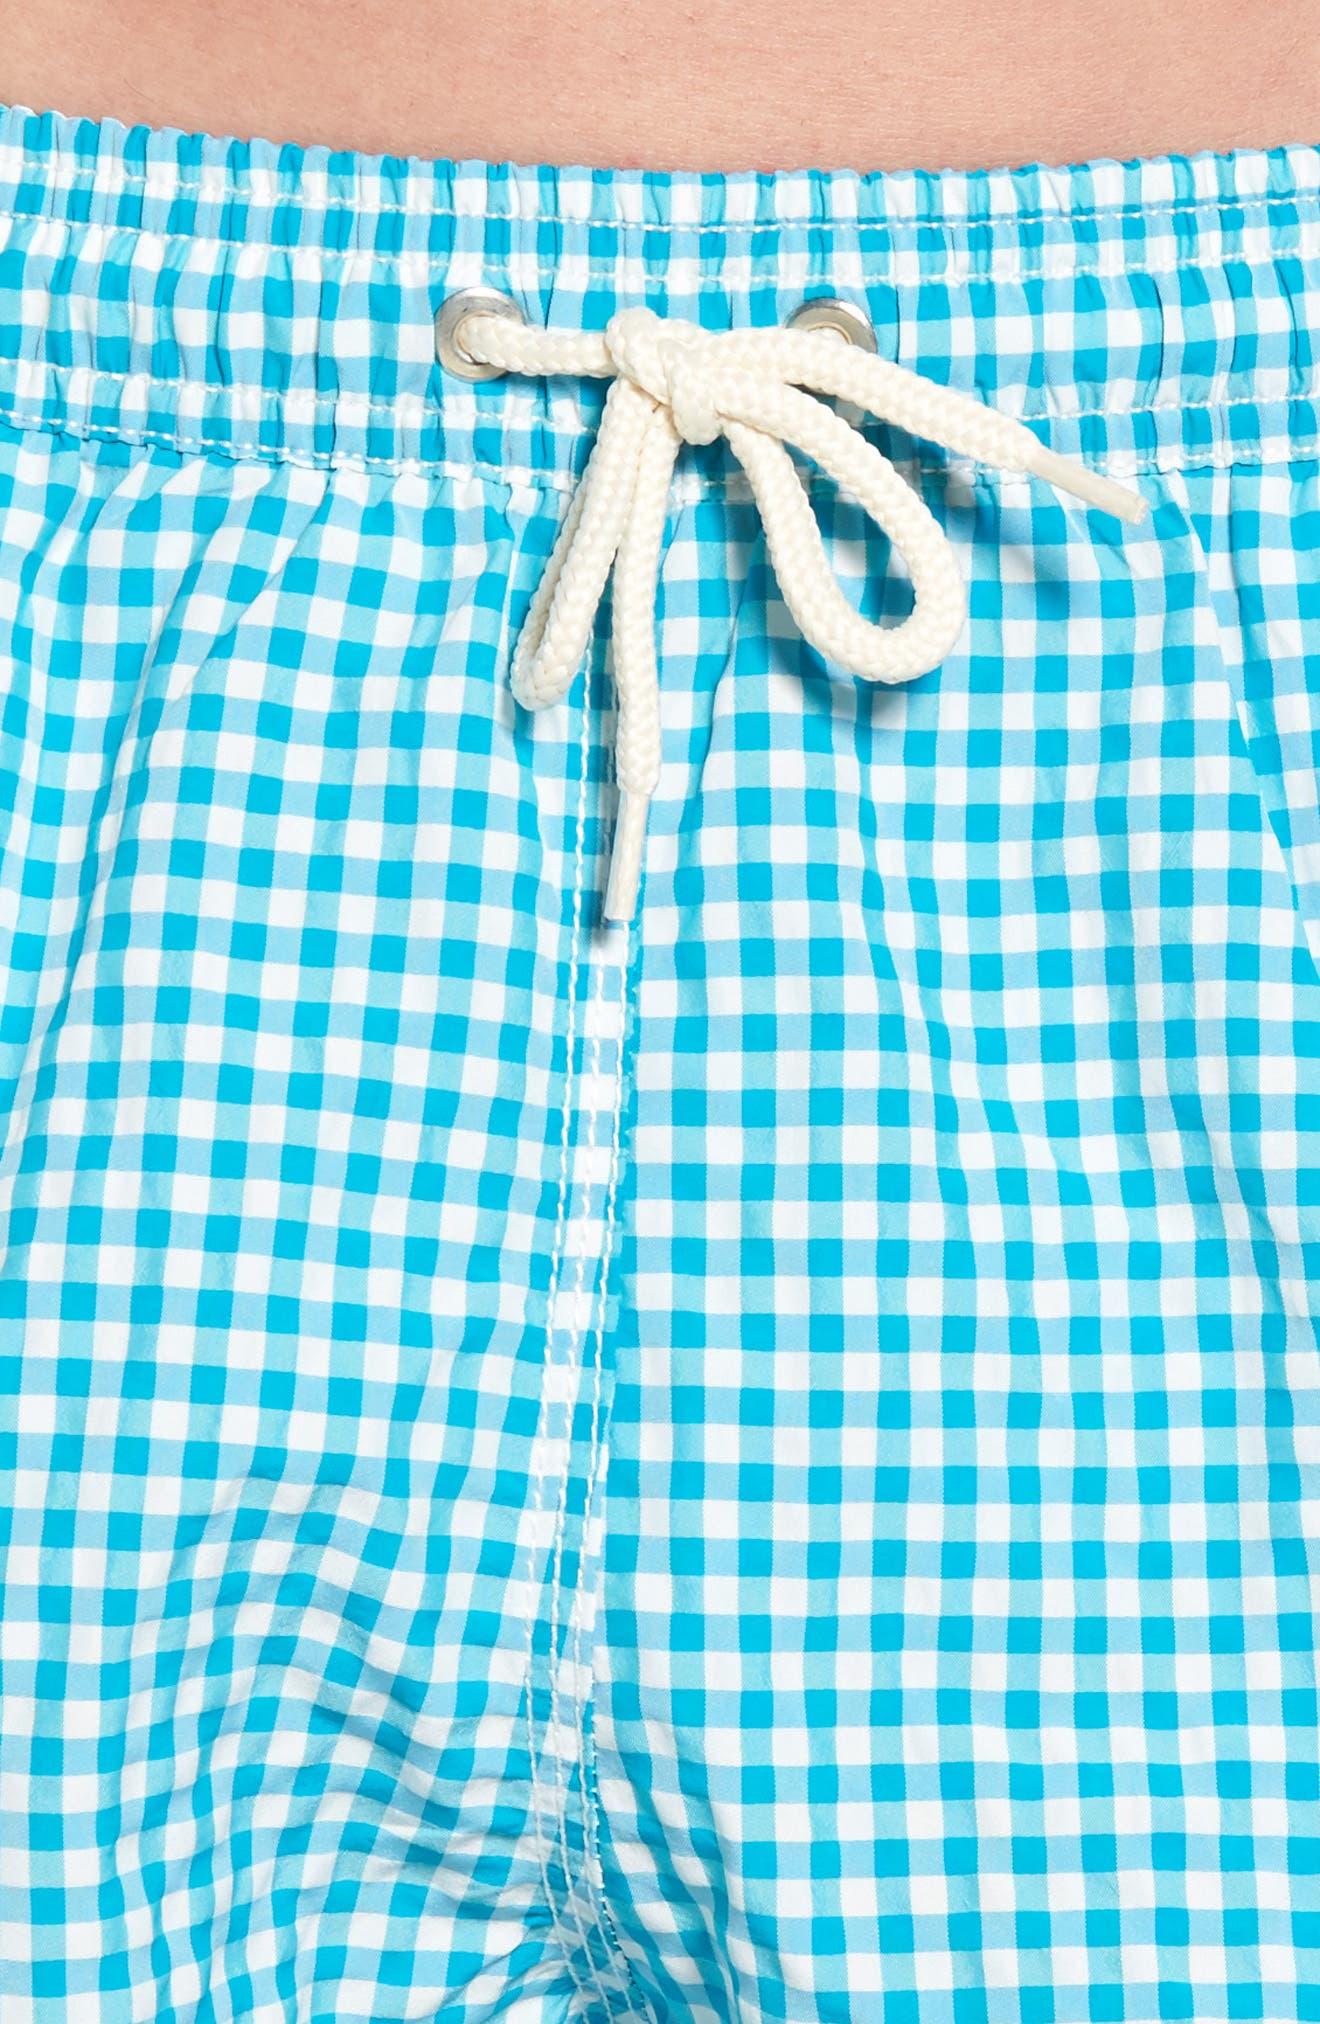 Gingham Check Swim Trunks,                             Alternate thumbnail 4, color,                             440